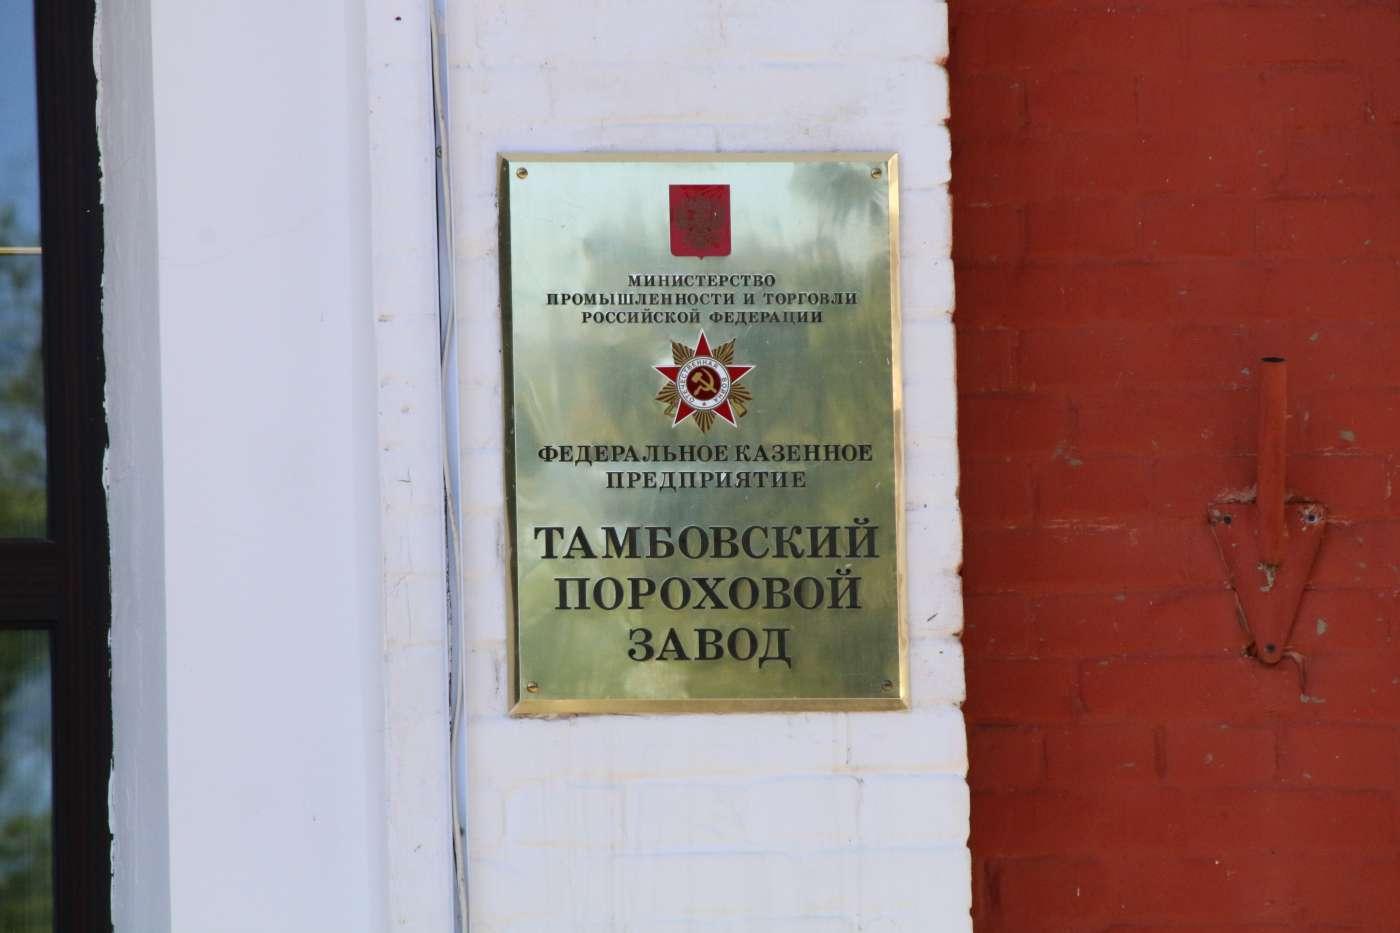 Пороховой завод, расположенный в Котовске, обязан выплатить около 40 миллионов рублей